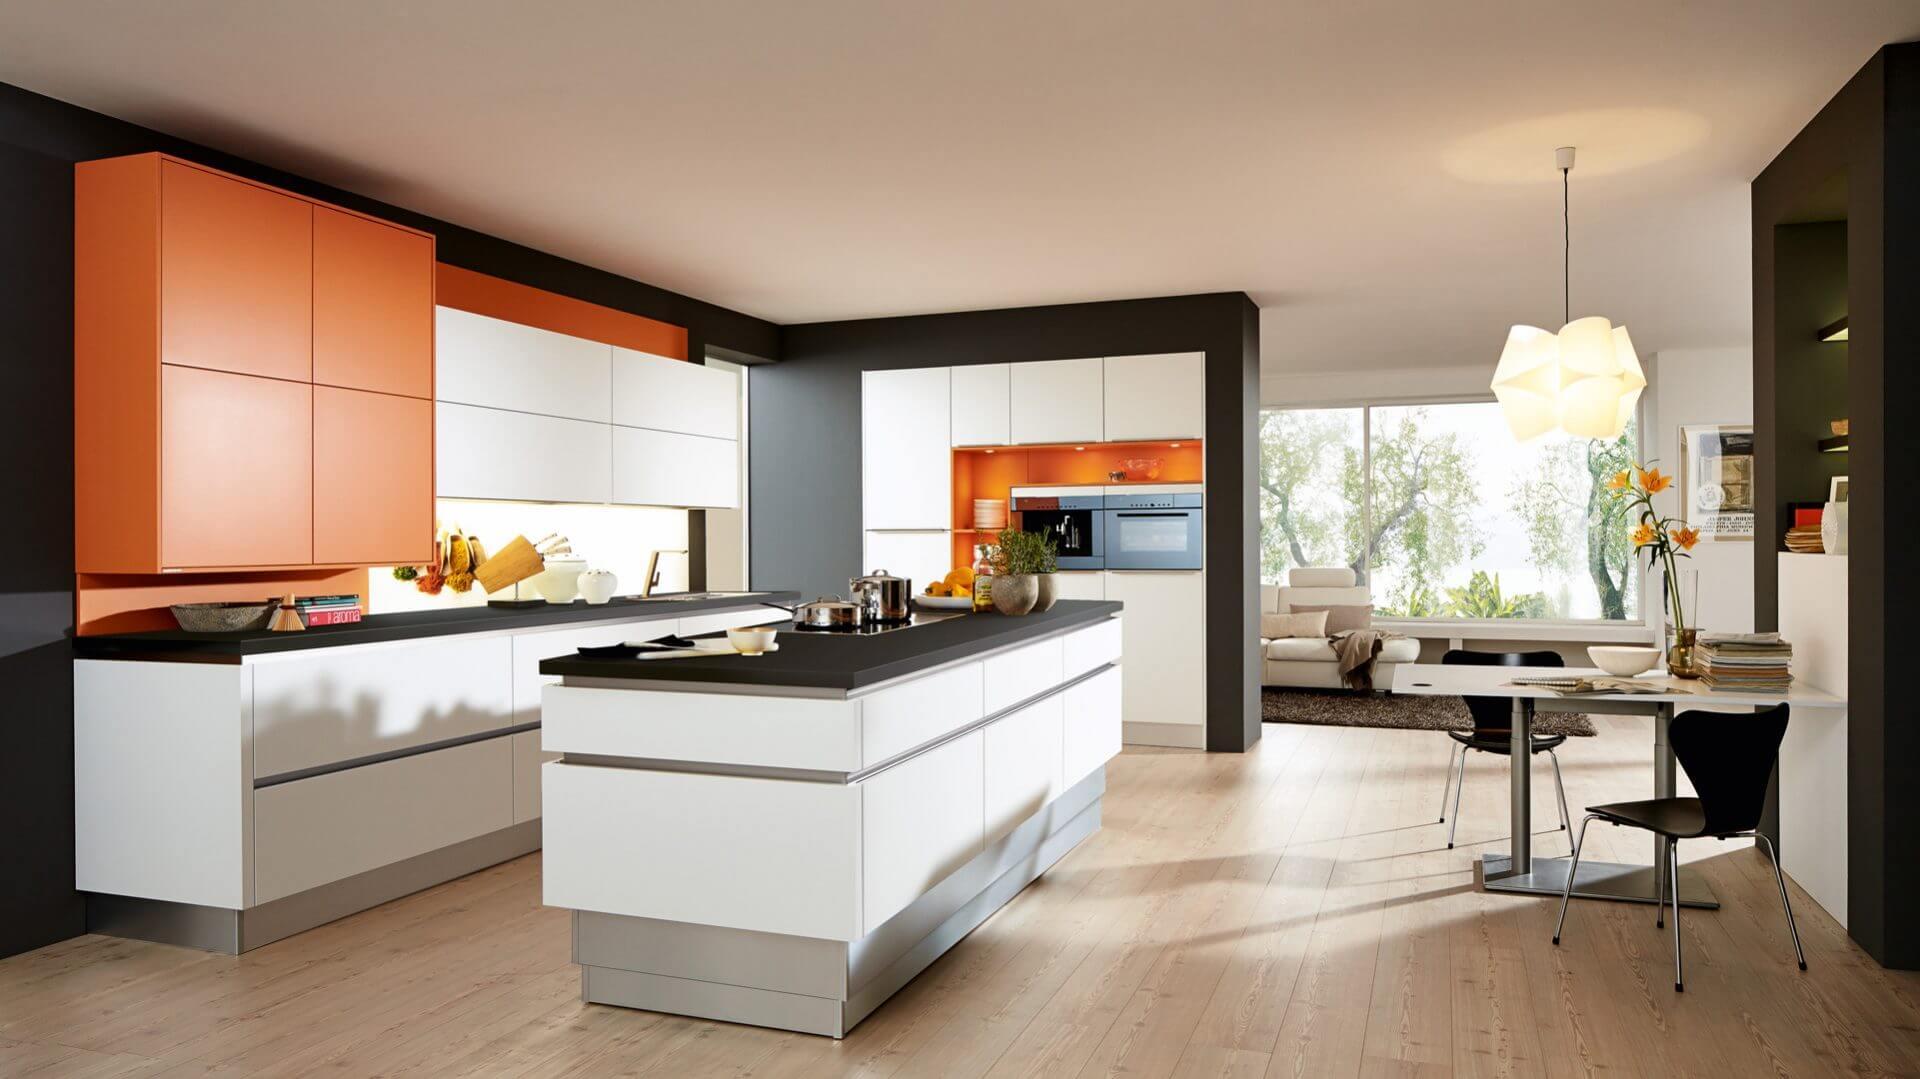 """Höhenverstellbare Kücheninsel optimal bei unterschiedlich großen """"Köchen"""""""